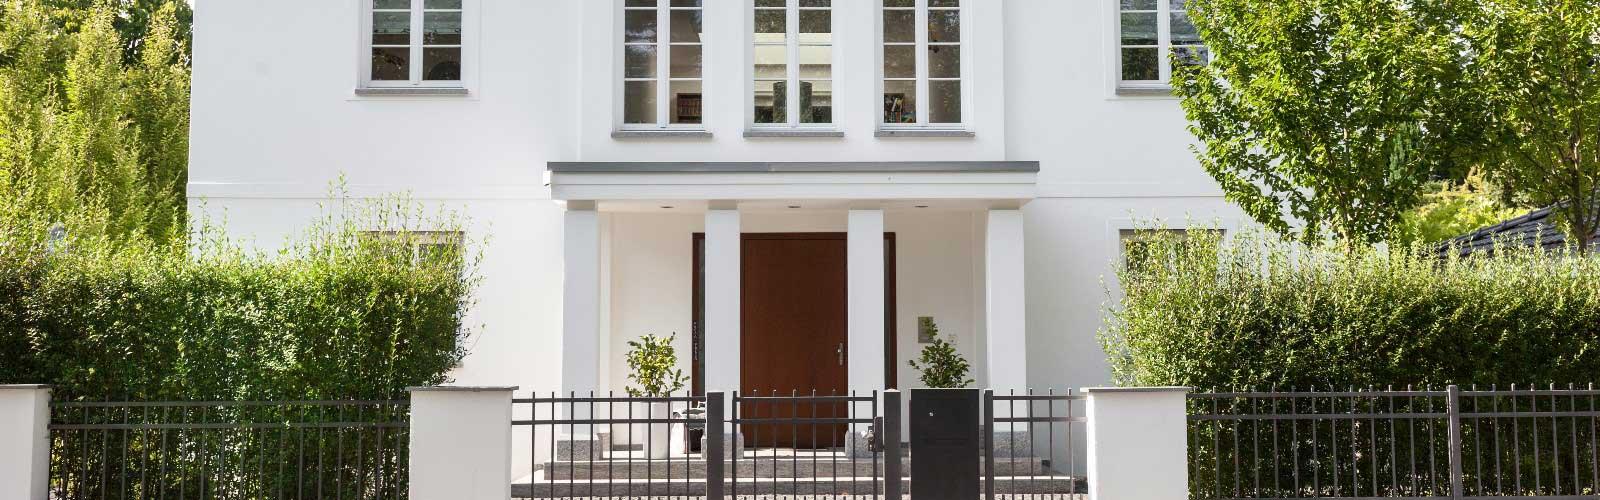 Villa Eingang mit Tor